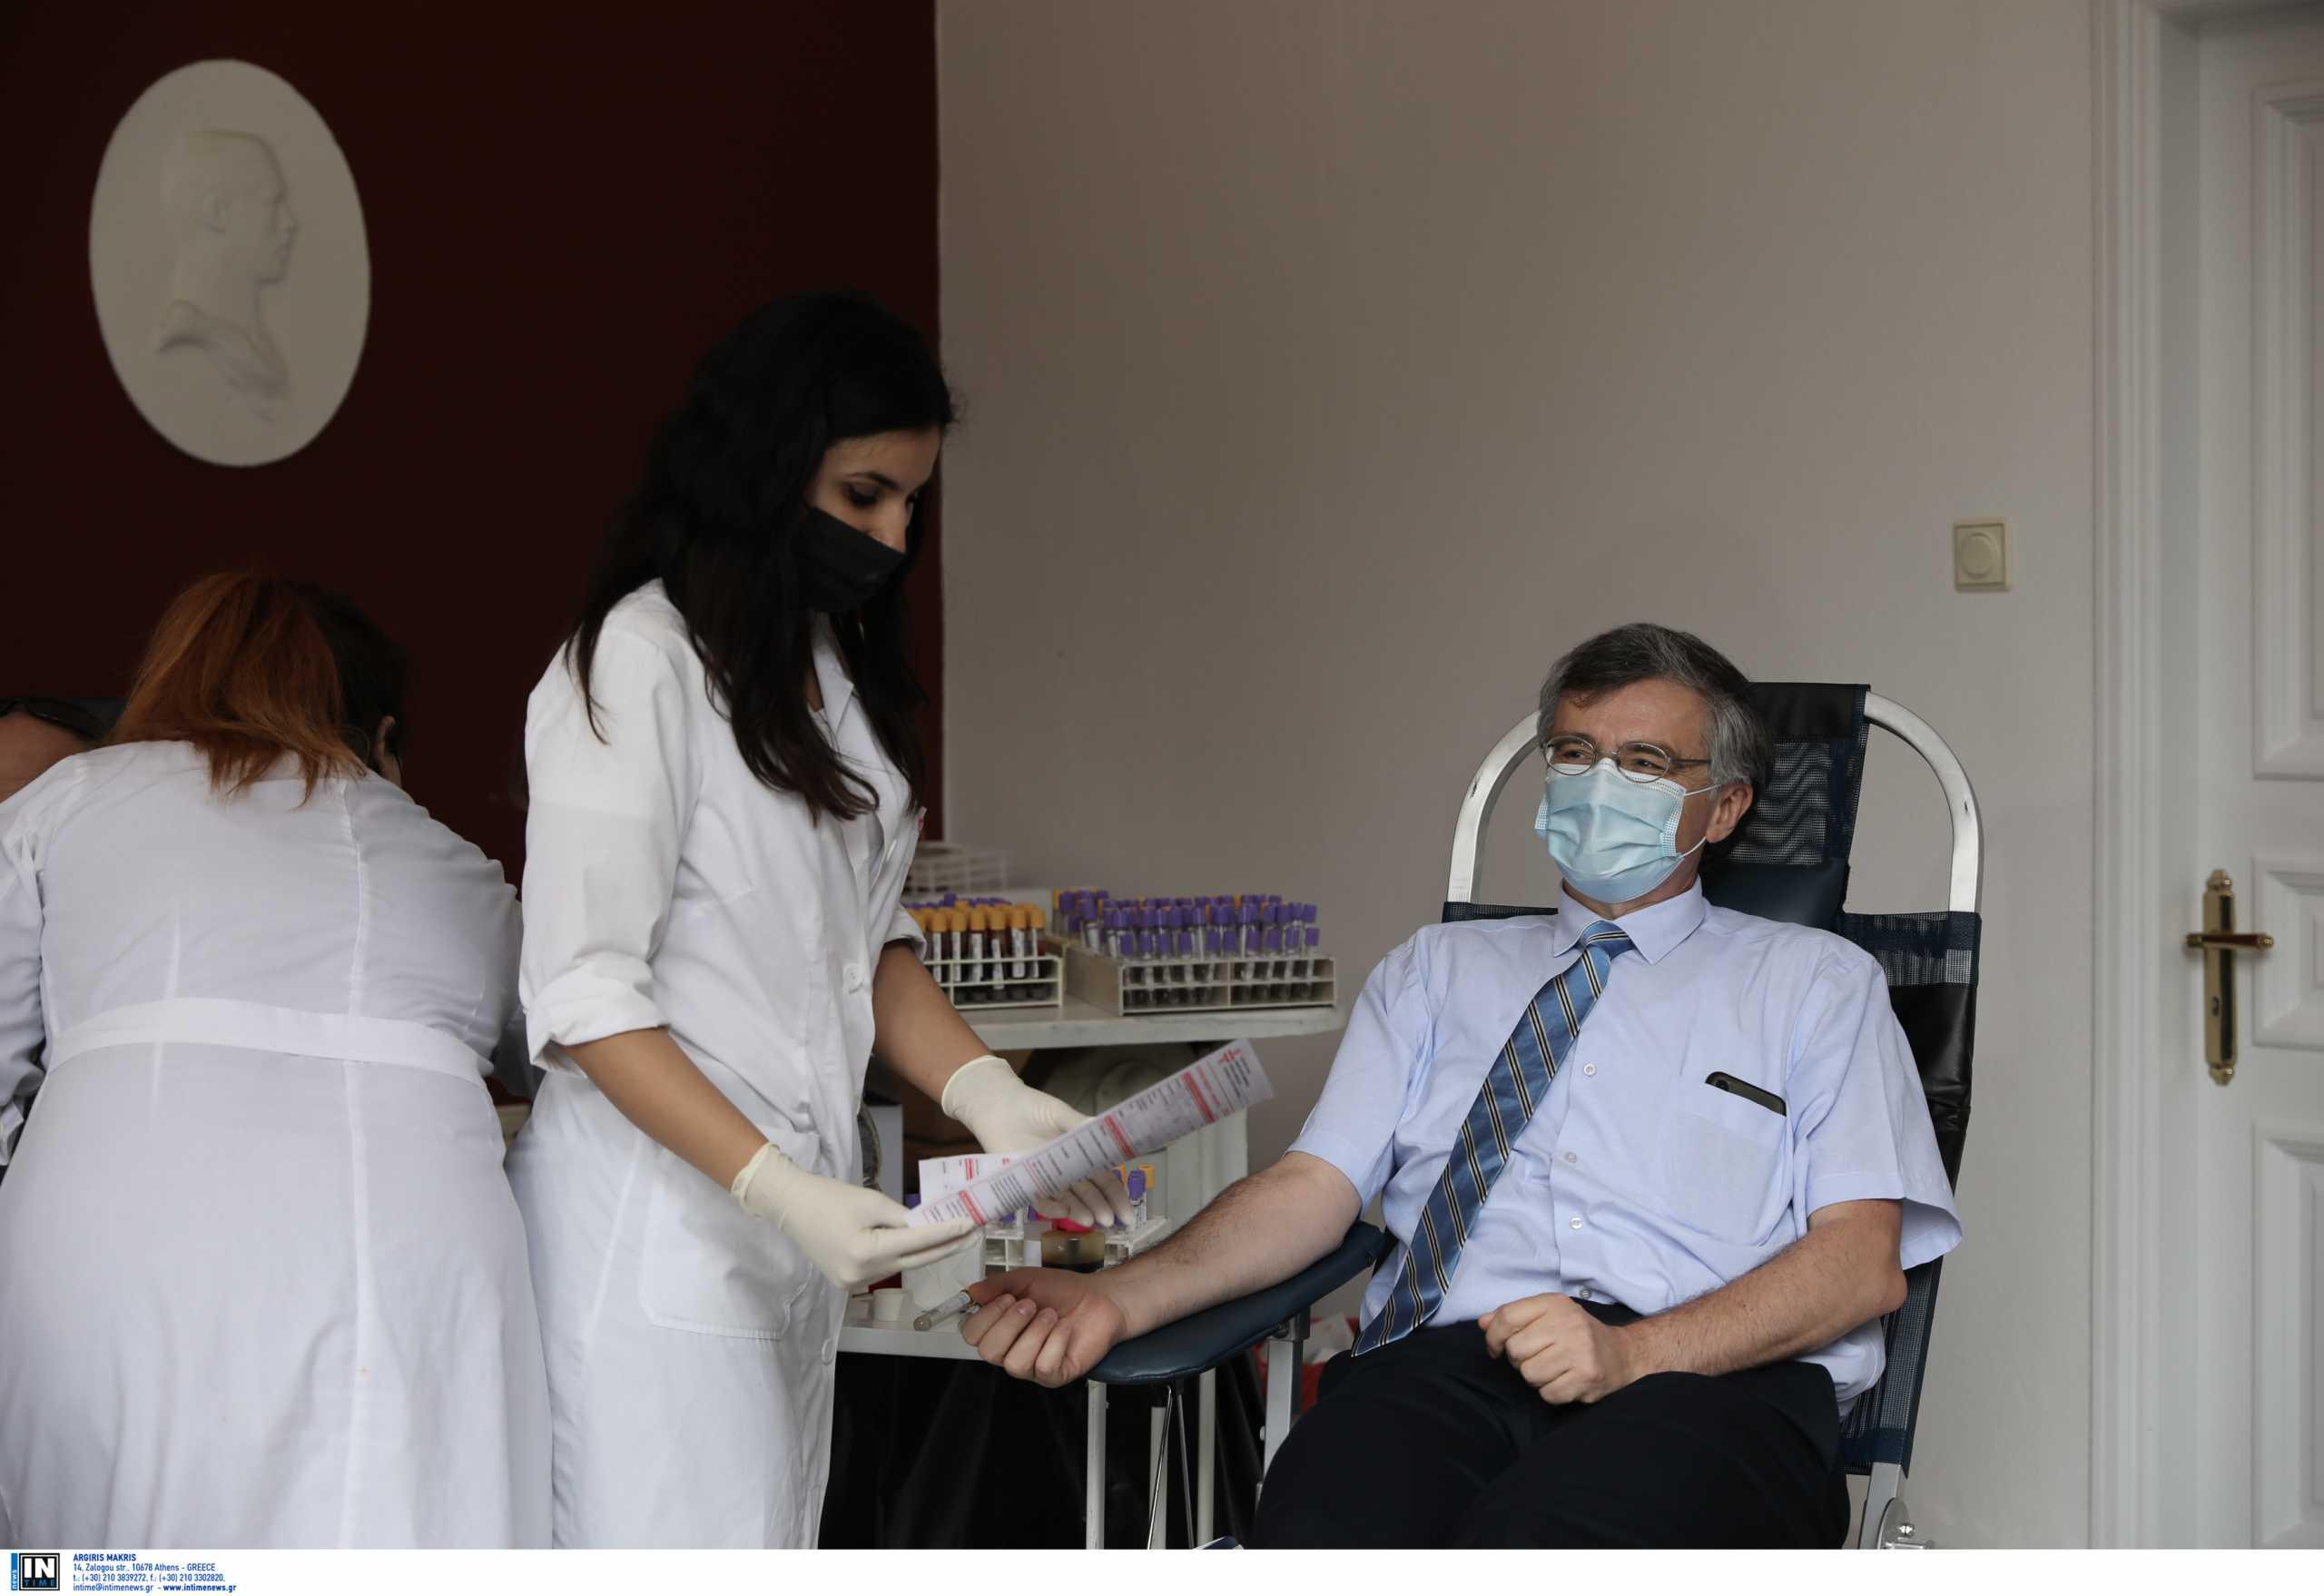 Σωτήρης Τσιόδρας: Έδωσε και αίμα στους κήπους του Προεδρικού Μεγάρου